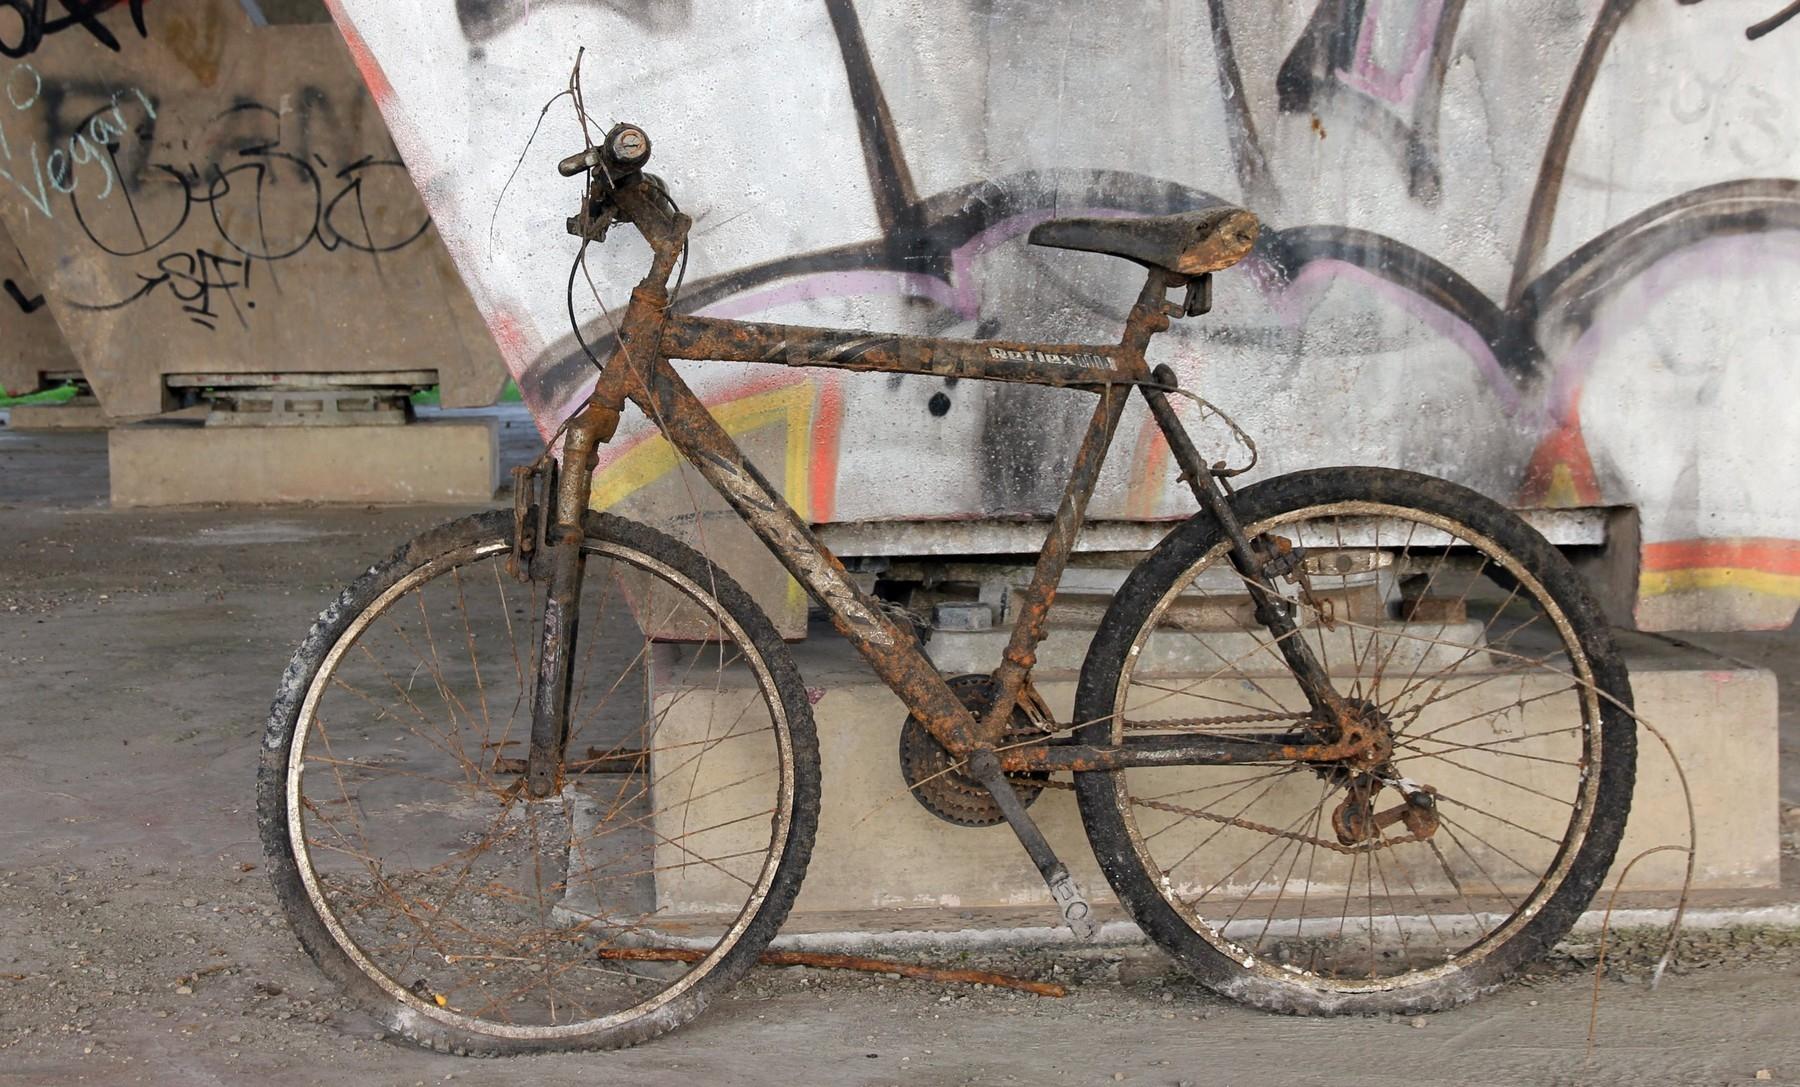 Než odložit staré kolo pod mostem, je lepší udržet bicykl v oběhu třeba i prostřednictvím recyklace. Foto: profimedia